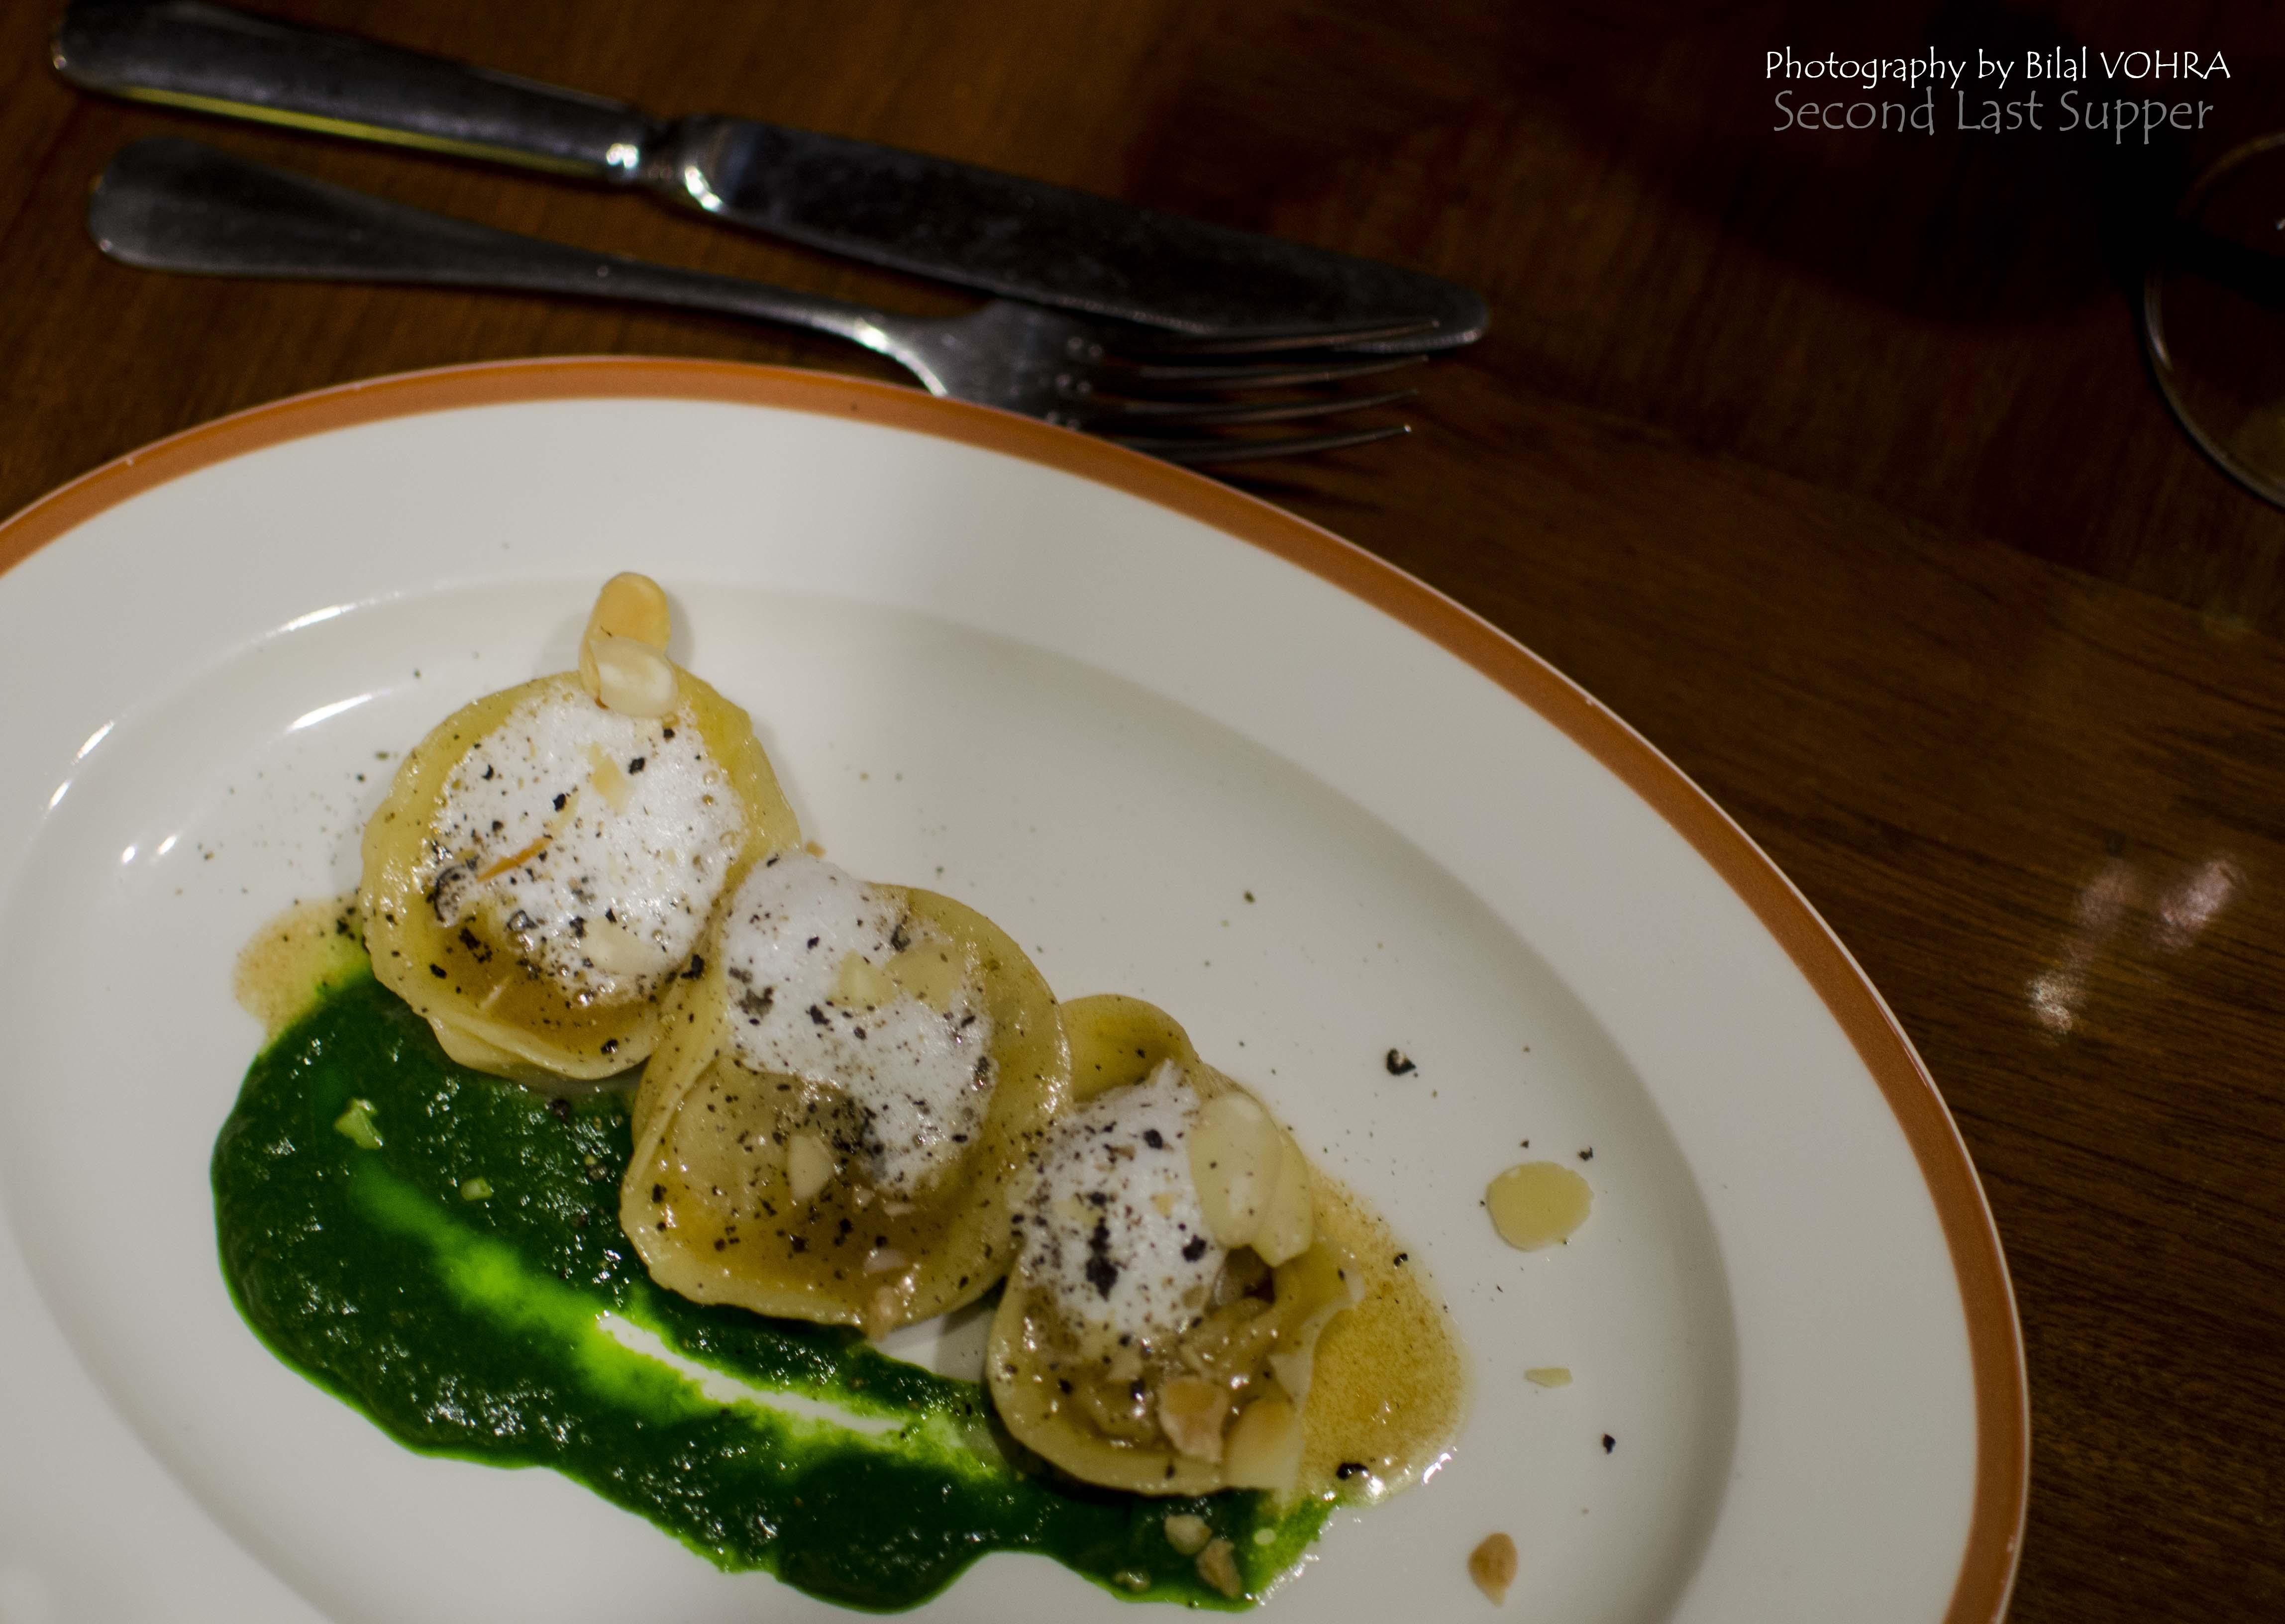 Tortellini ripieni di funghi, burro bruciato, mandorle, schiuma di latte (Mushroom stuffed tortellini, brown butter sauce)